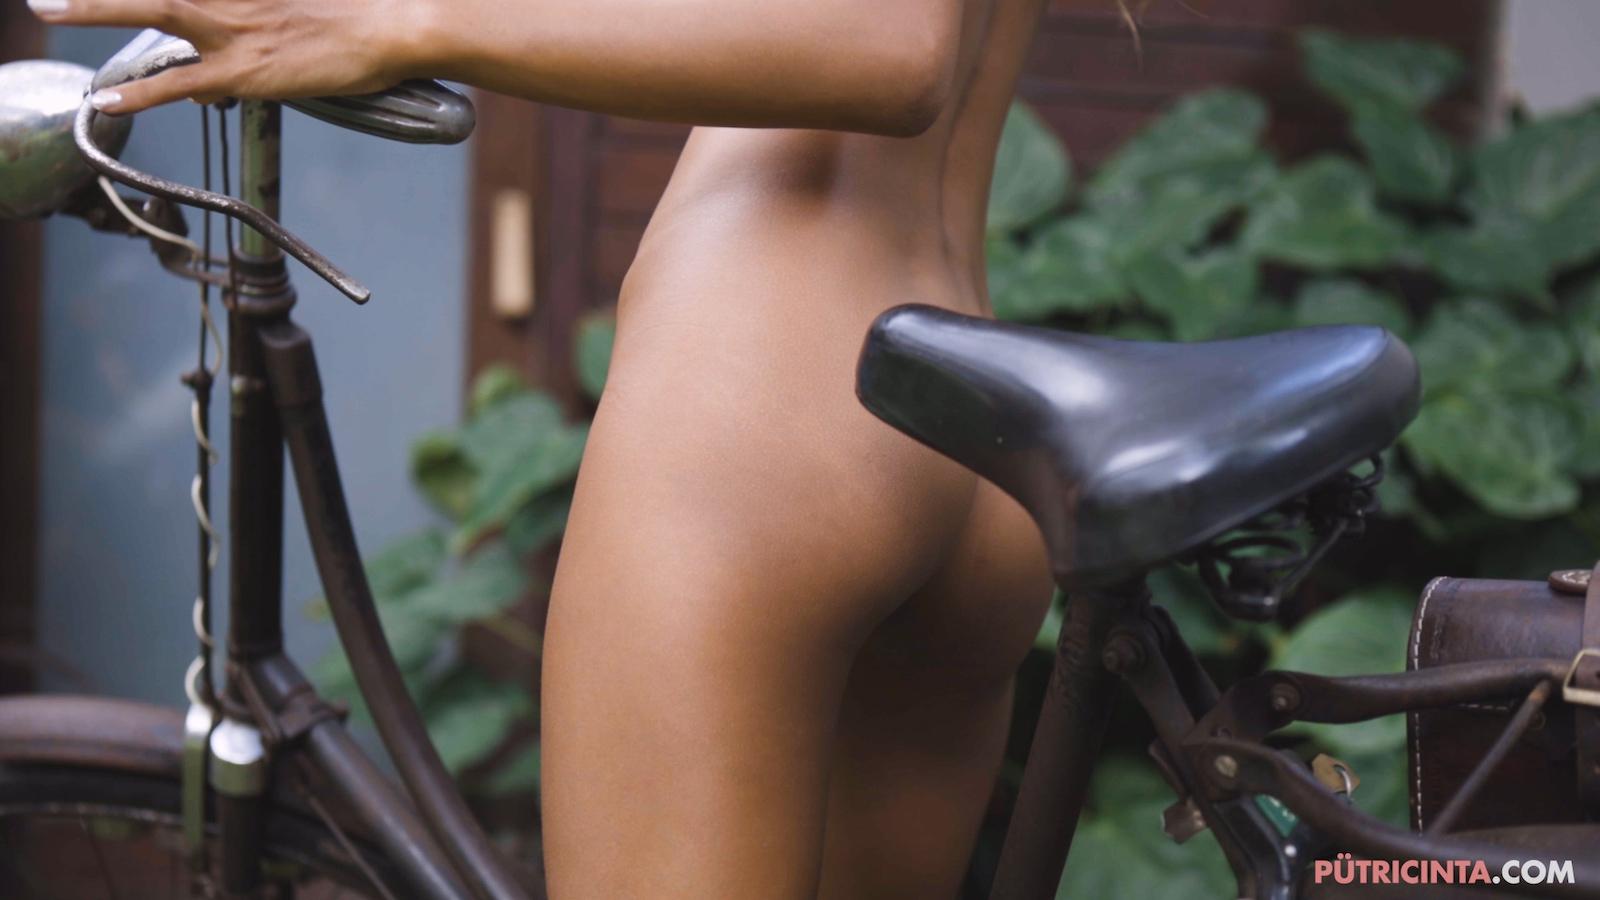 024-cyclingcommando-Putri-Cinta-Mainvid-stills-89.jpg